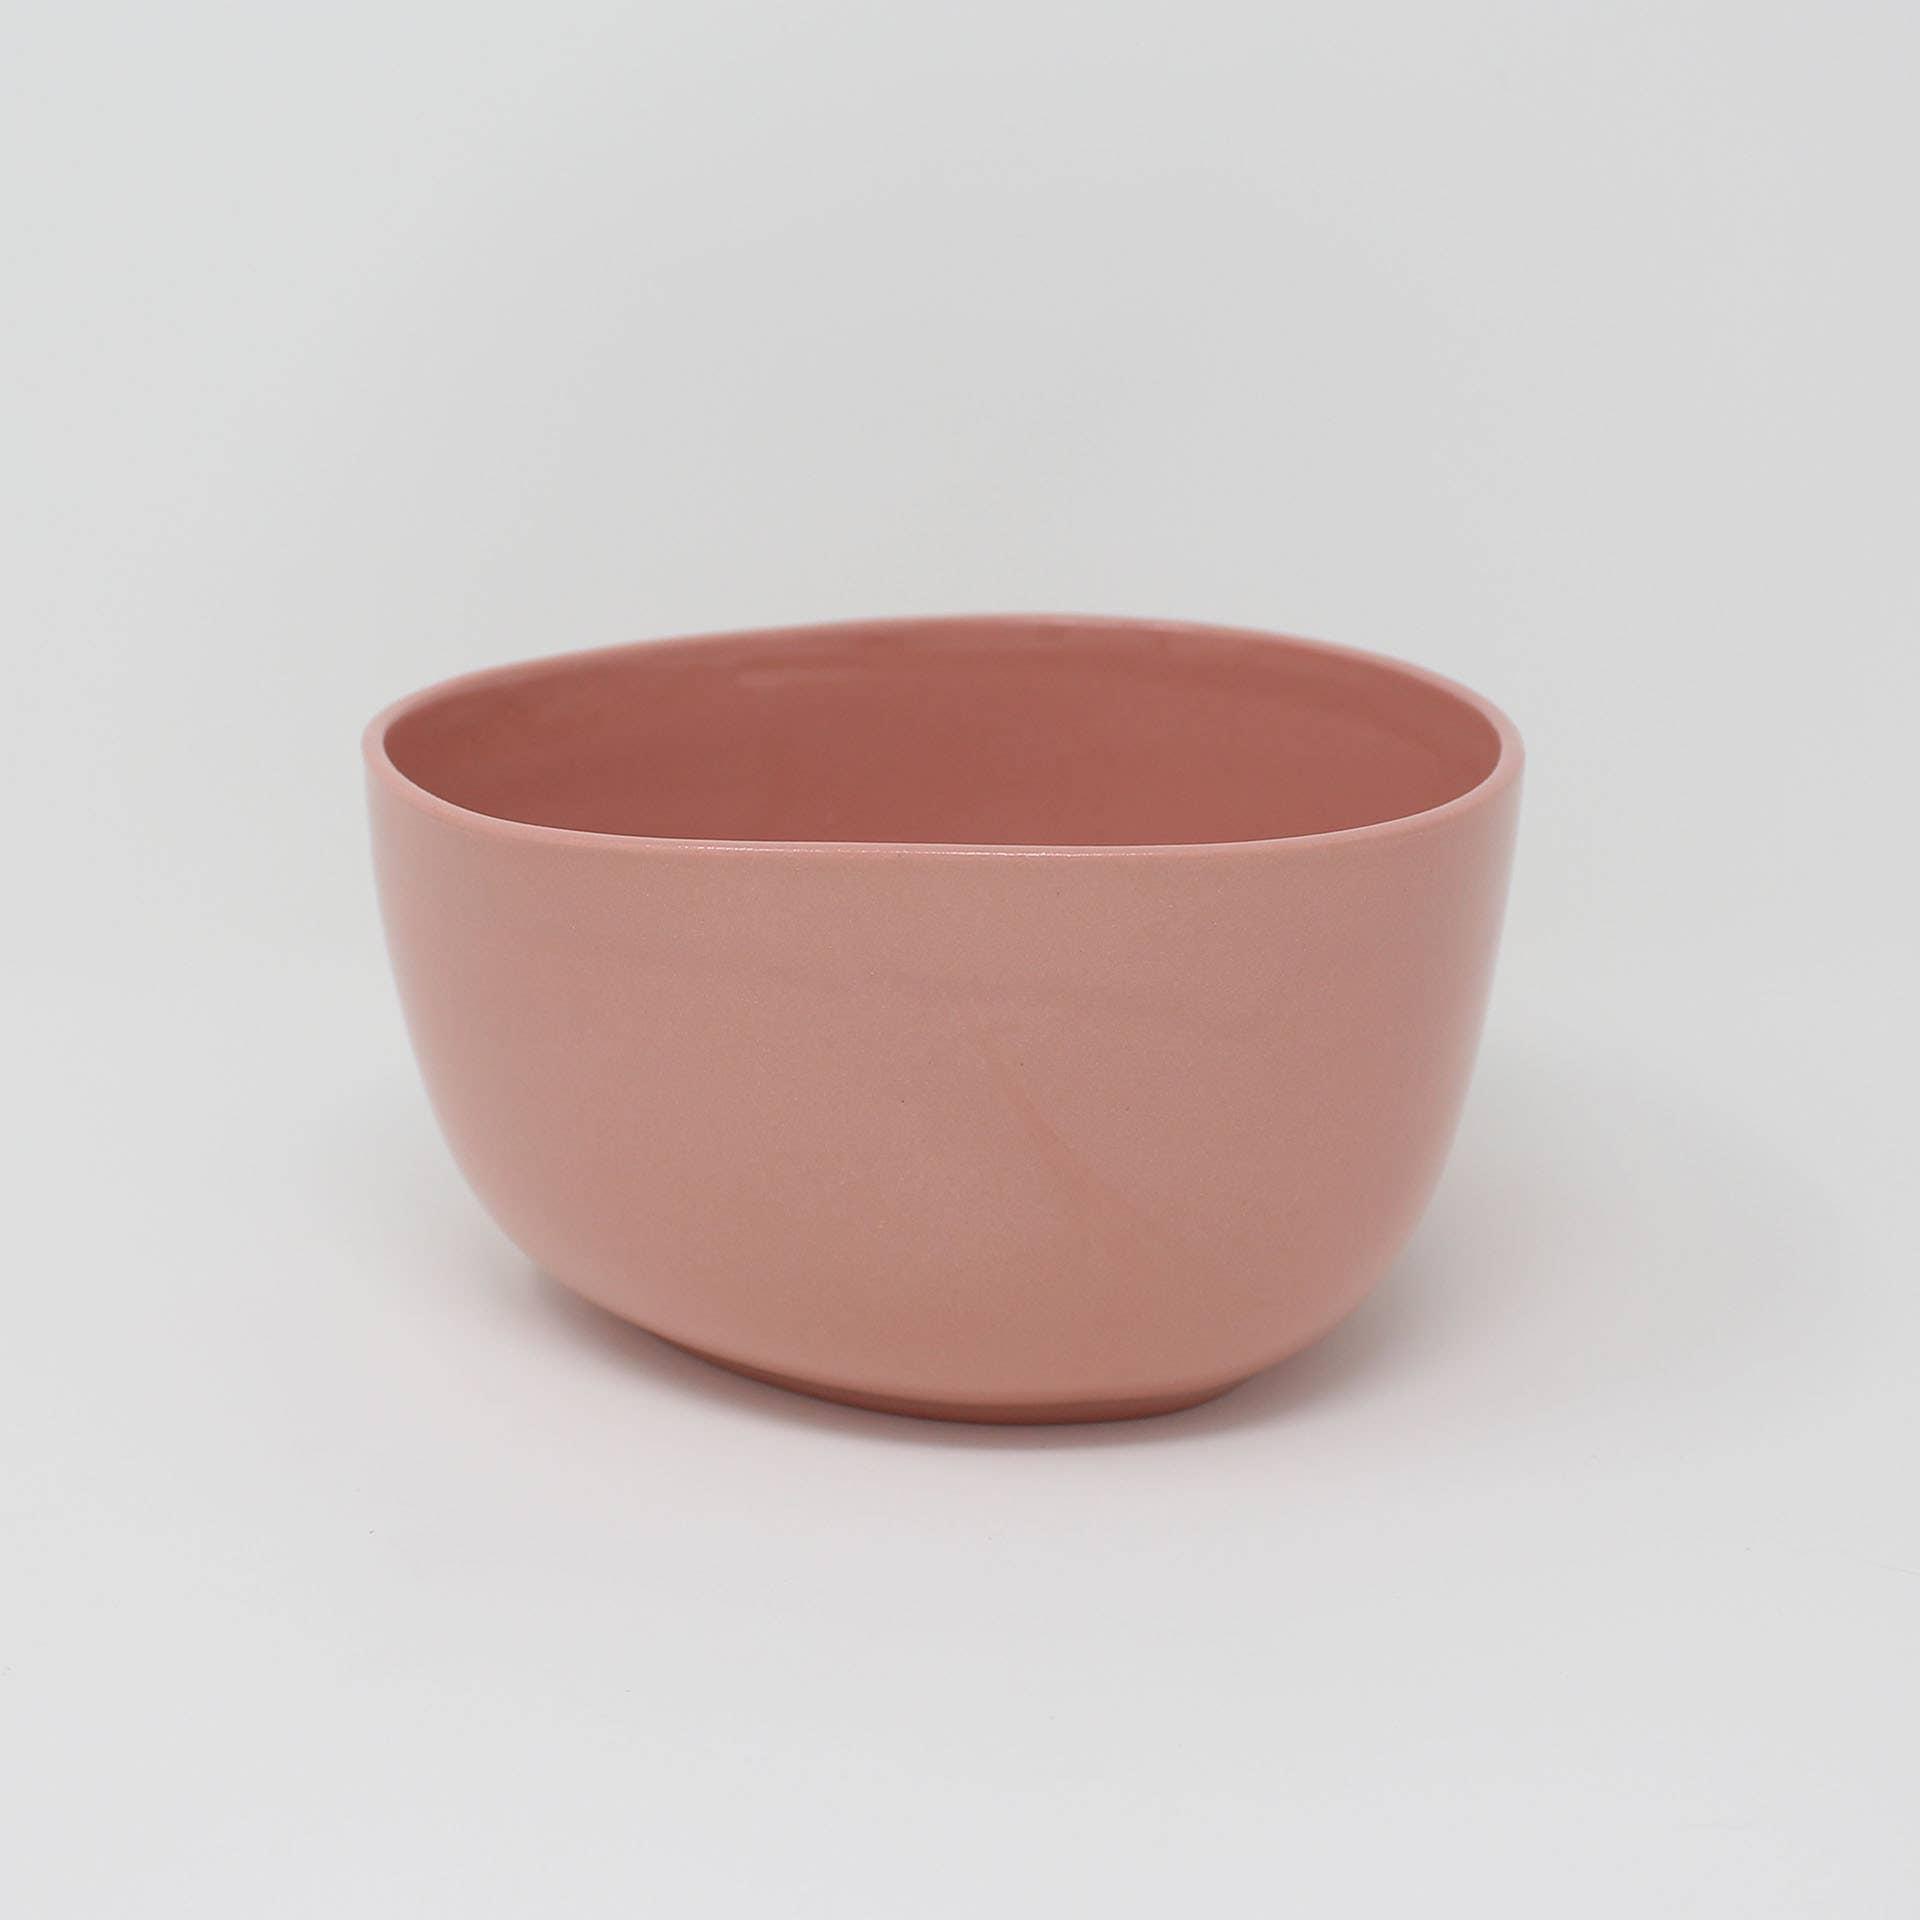 Solid Ceramic Bowl